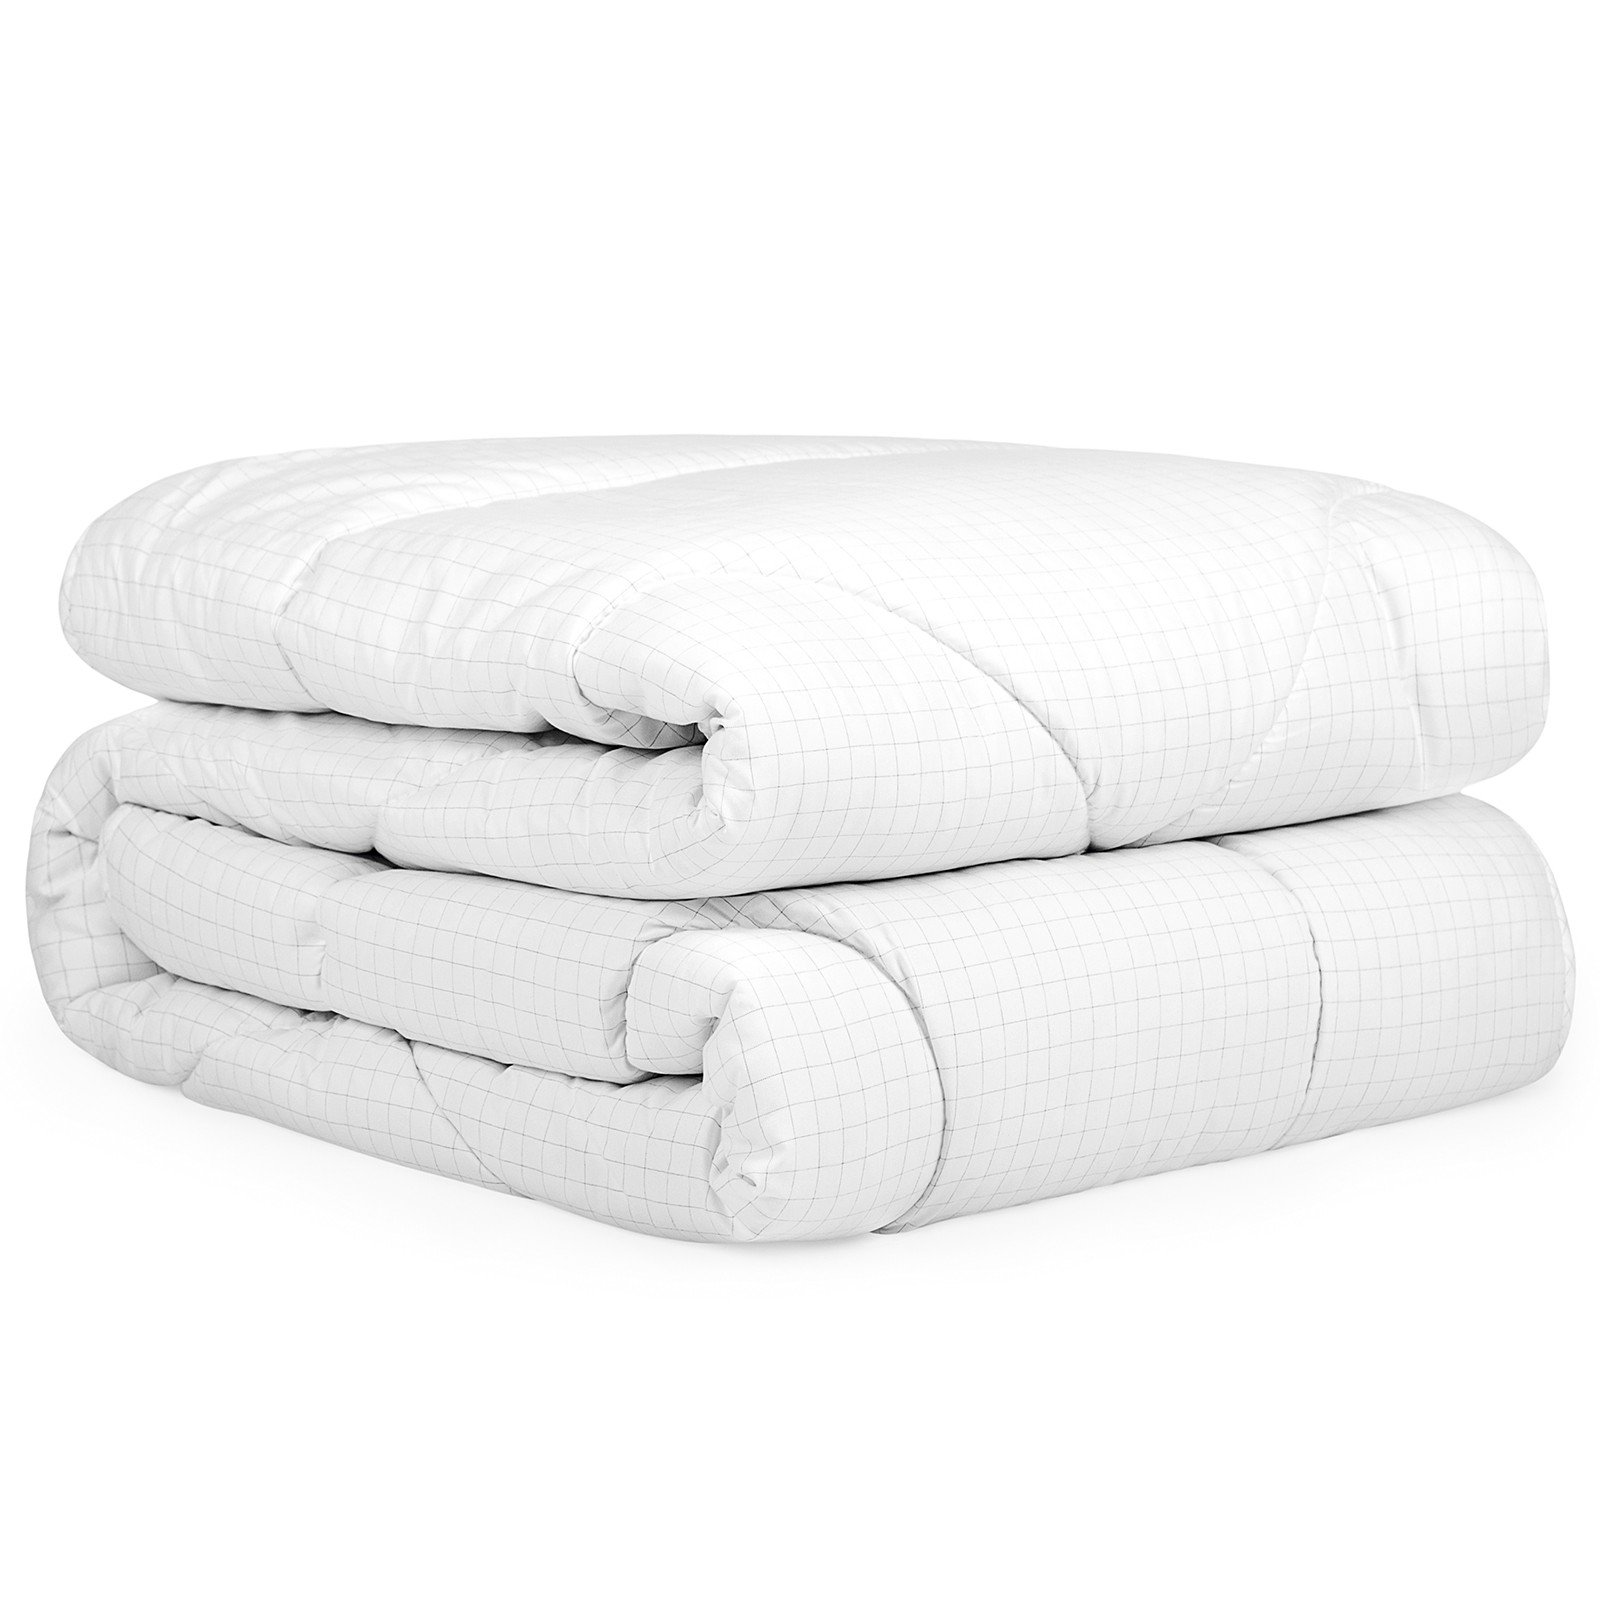 где купить Одеяла CLASSIC by T Одеяло Антистресс Всесезонное (175х200 см) по лучшей цене